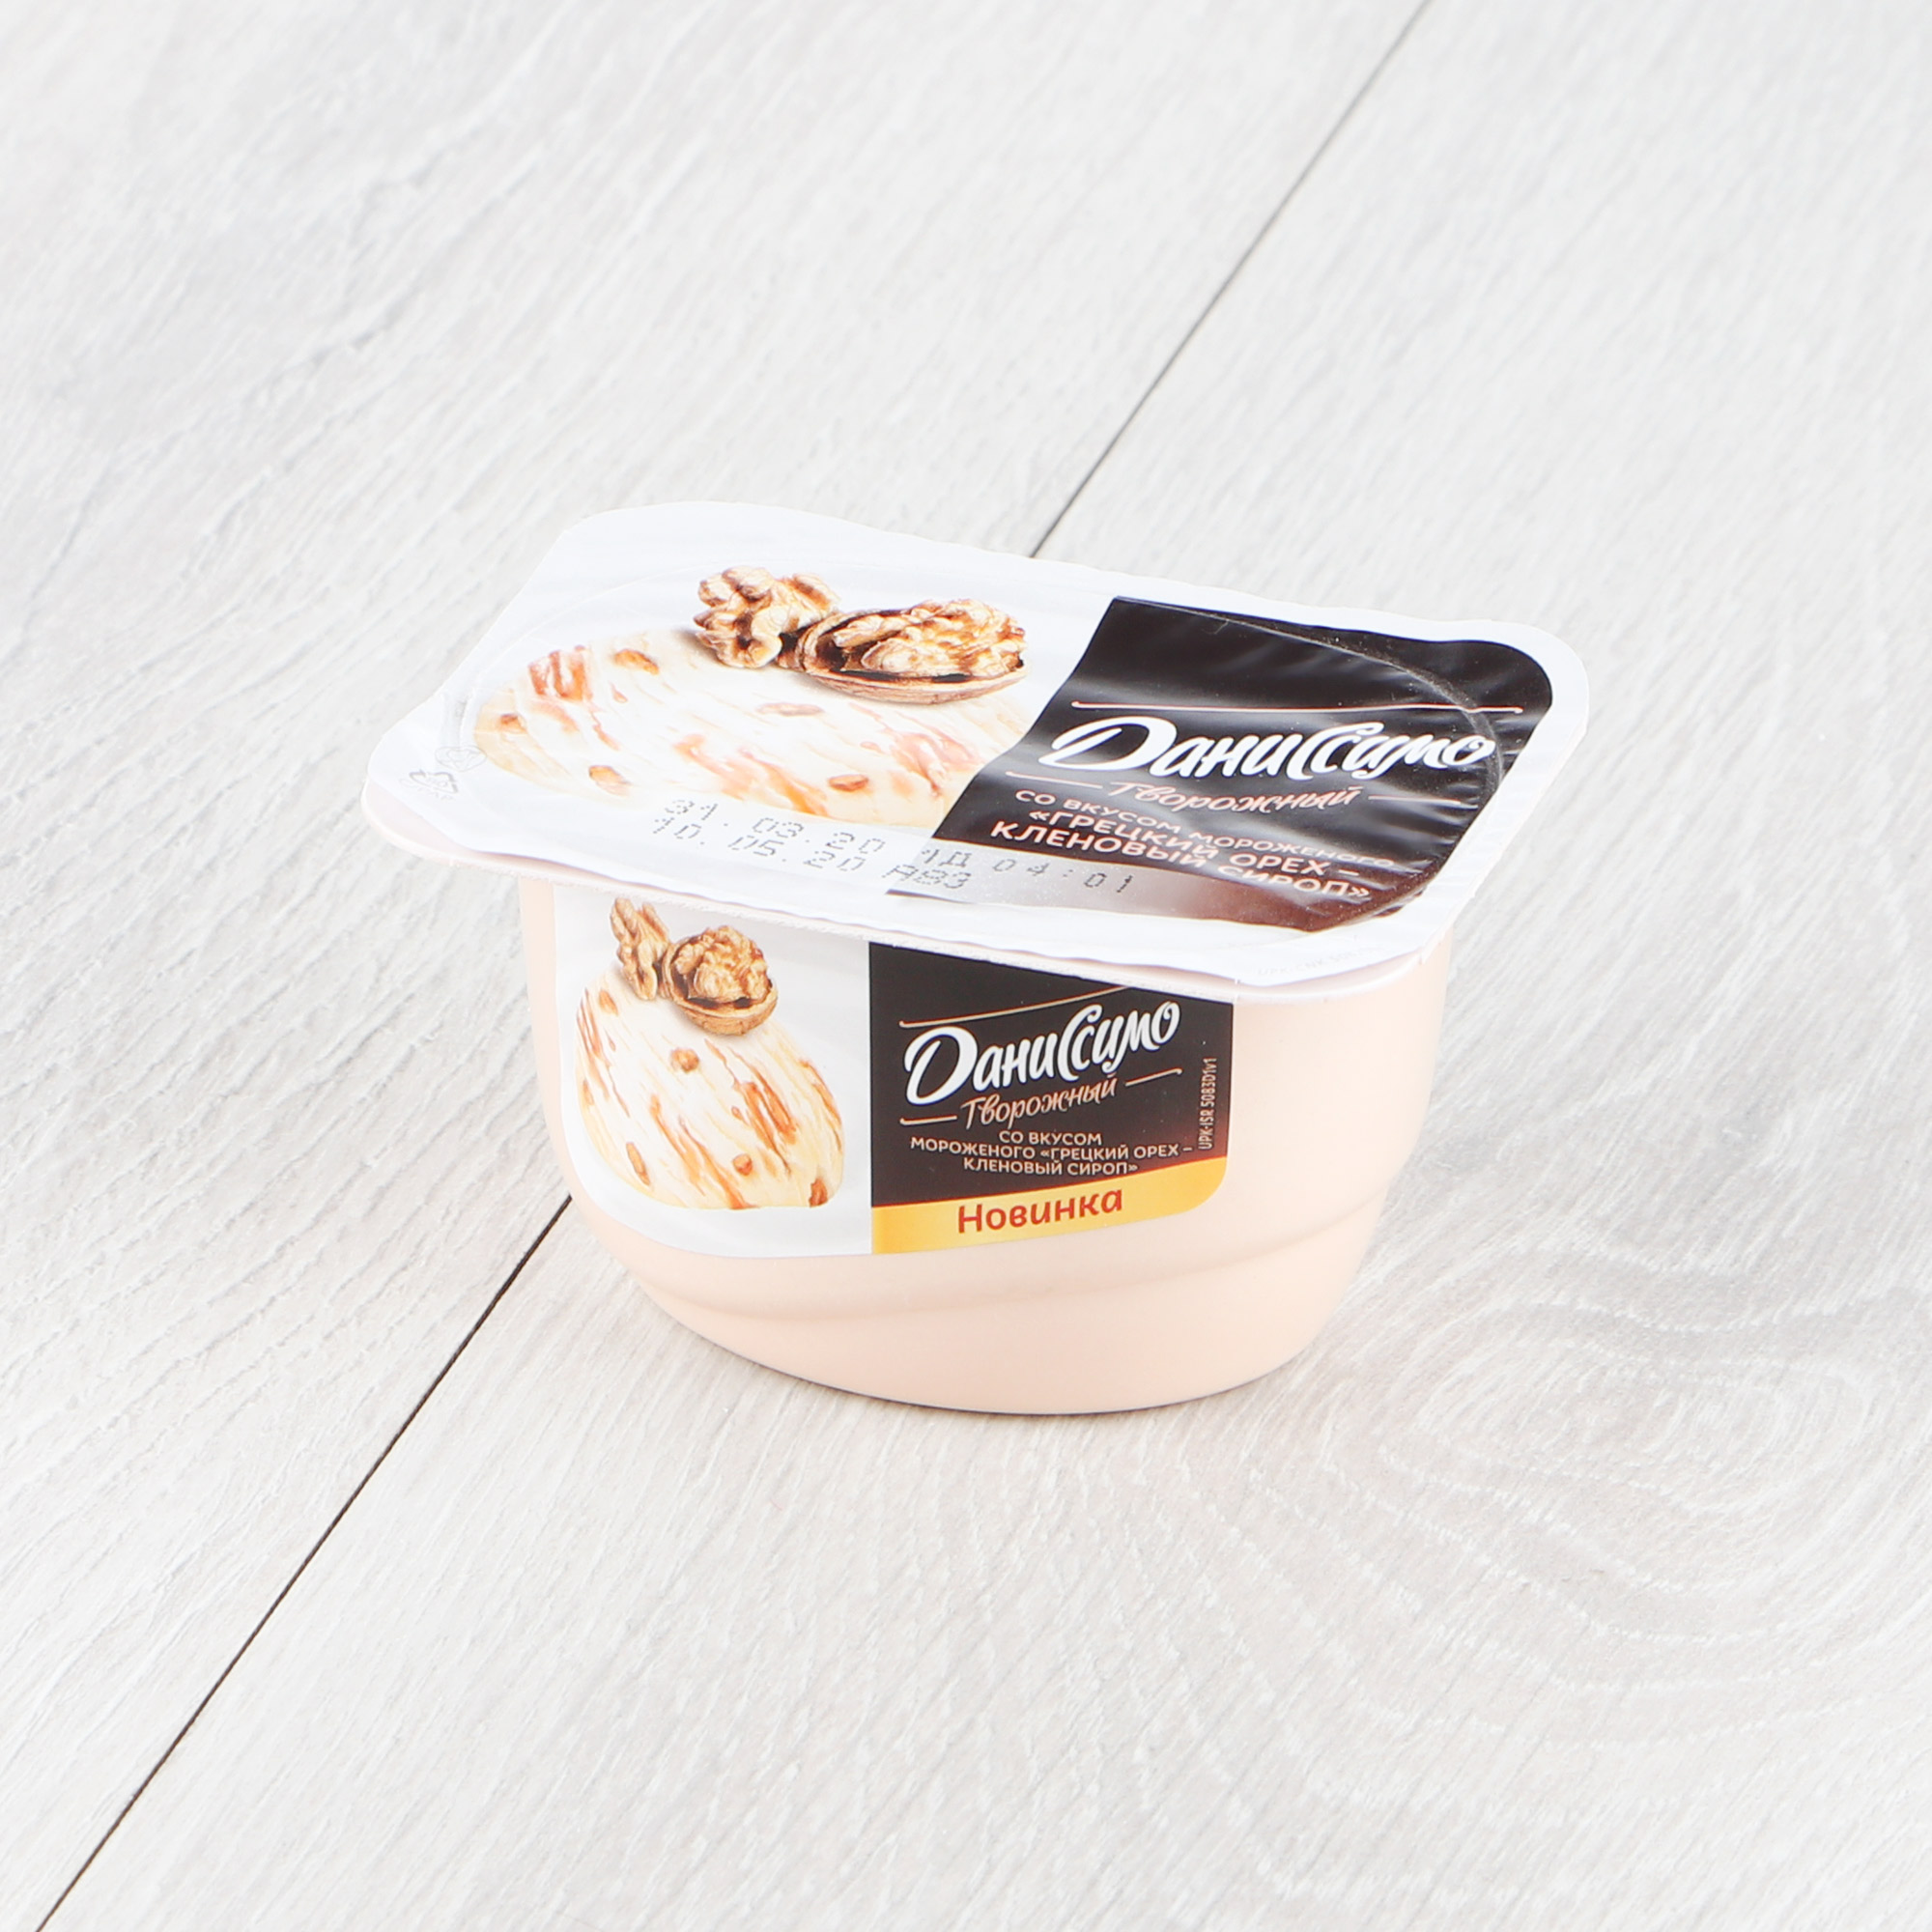 Творог Даниссимо Мороженое, грецкий орех, кленовый сироп 130 г грецкий орех просто азбука натуральный 150 г